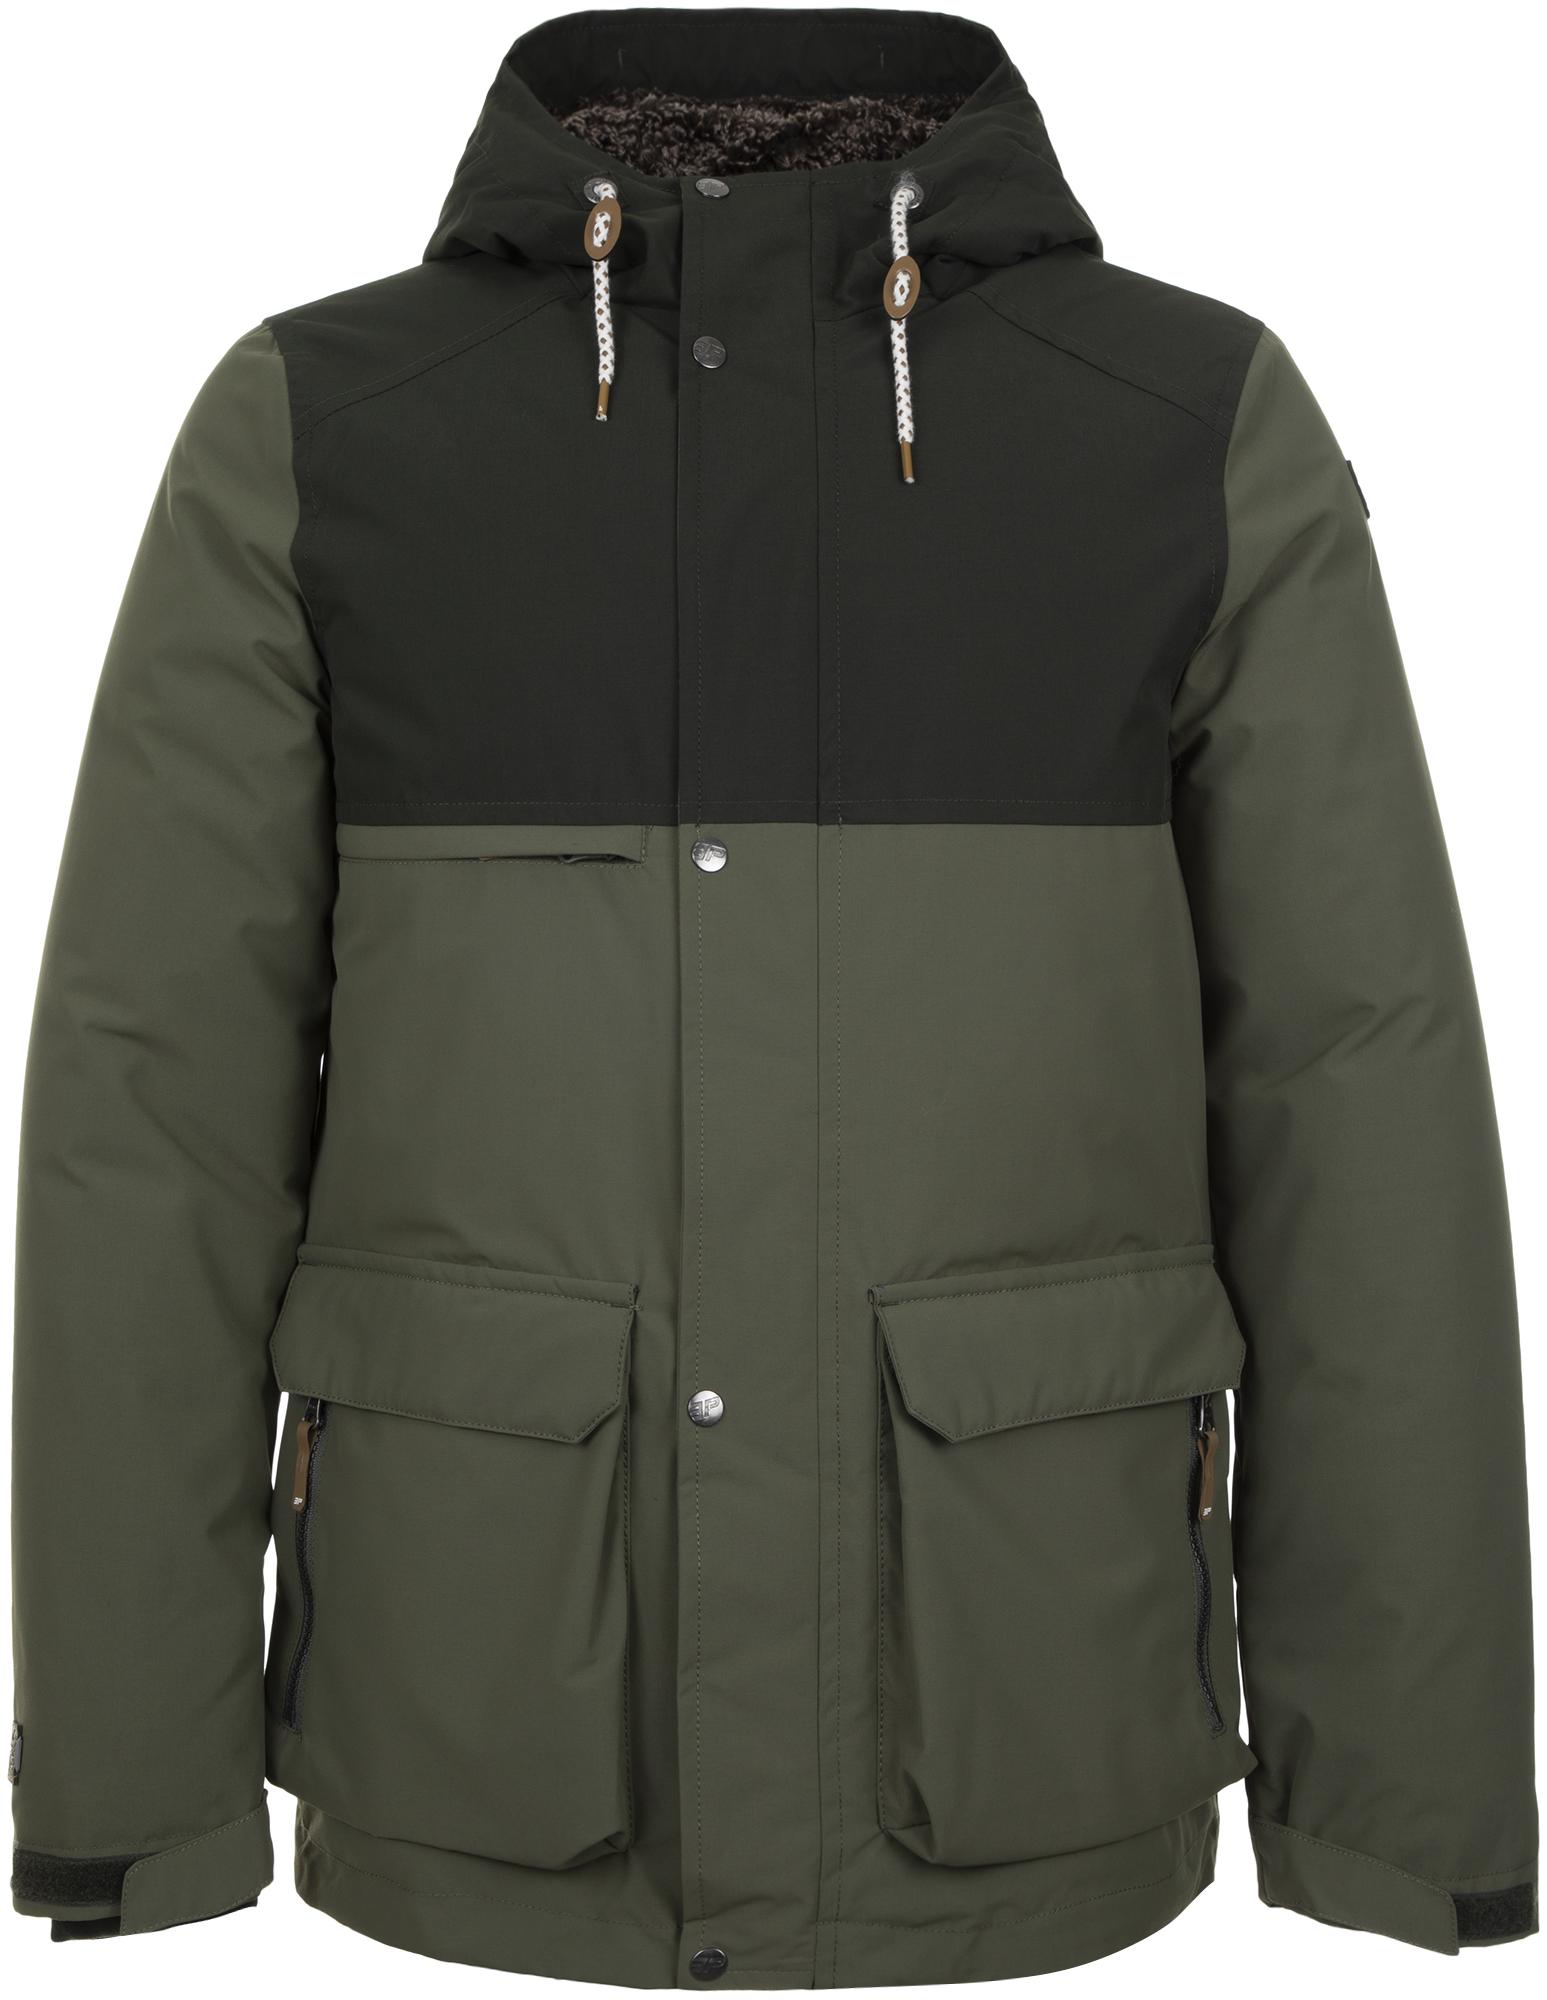 IcePeak Куртка утепленная мужская IcePeak Vilmar, размер 54